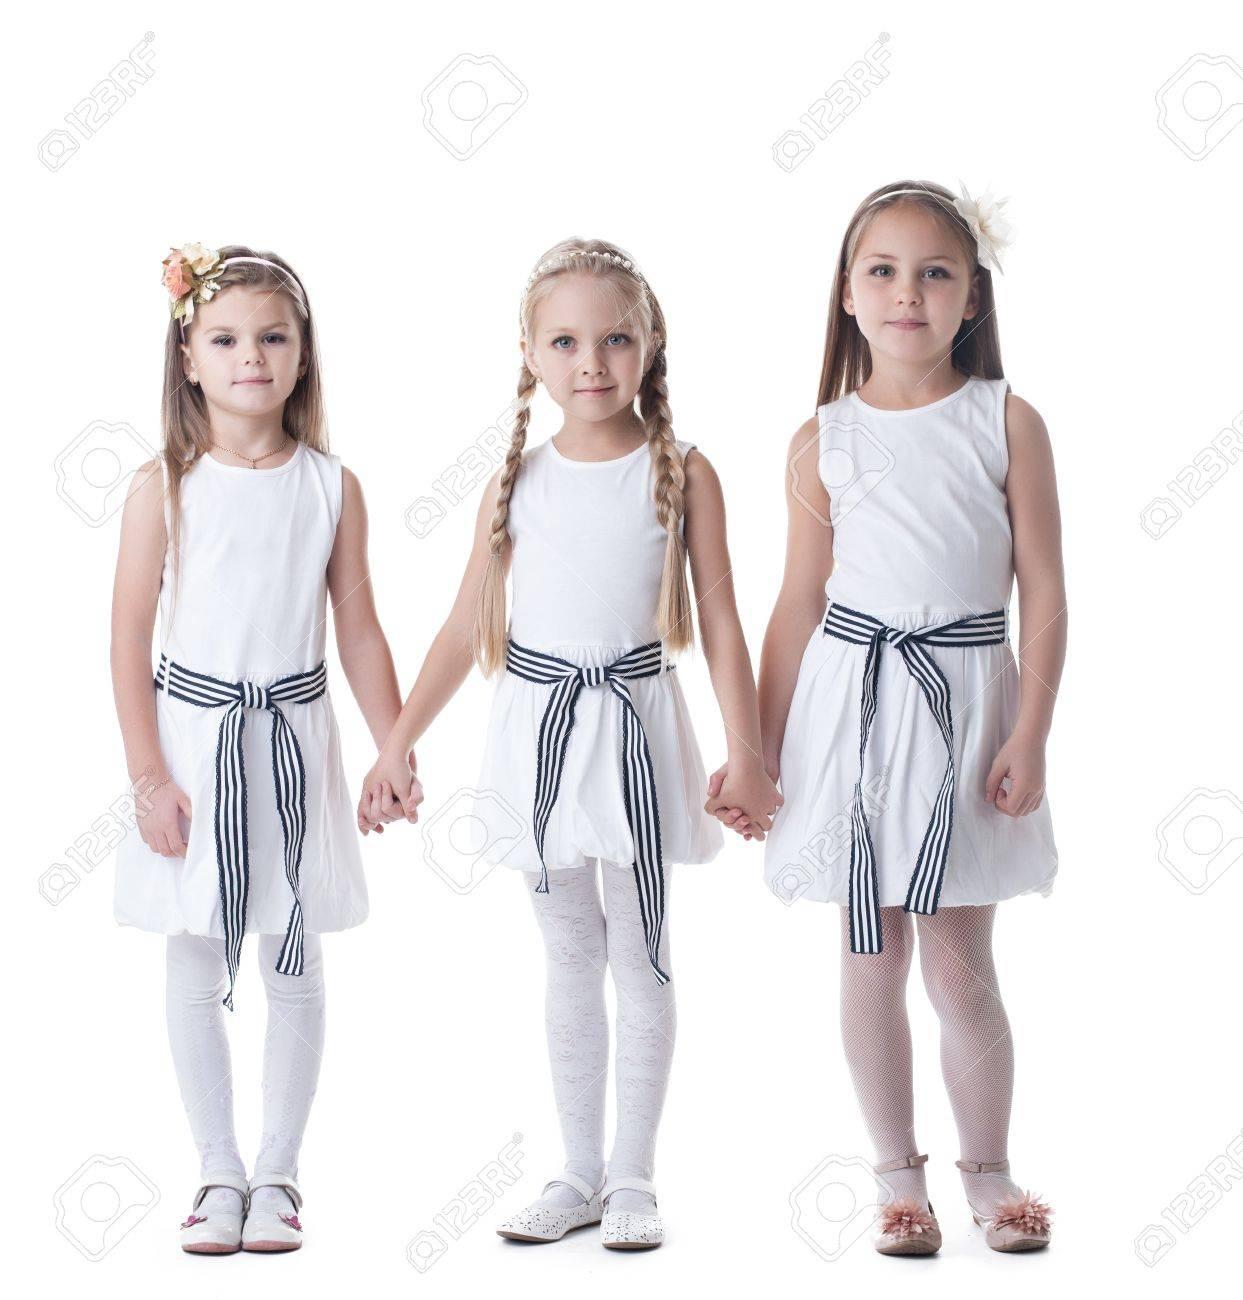 60b36dcd15 Foto de archivo - Retrato de cuerpo entero de niñas en vestidos blancos  aislados en blanco